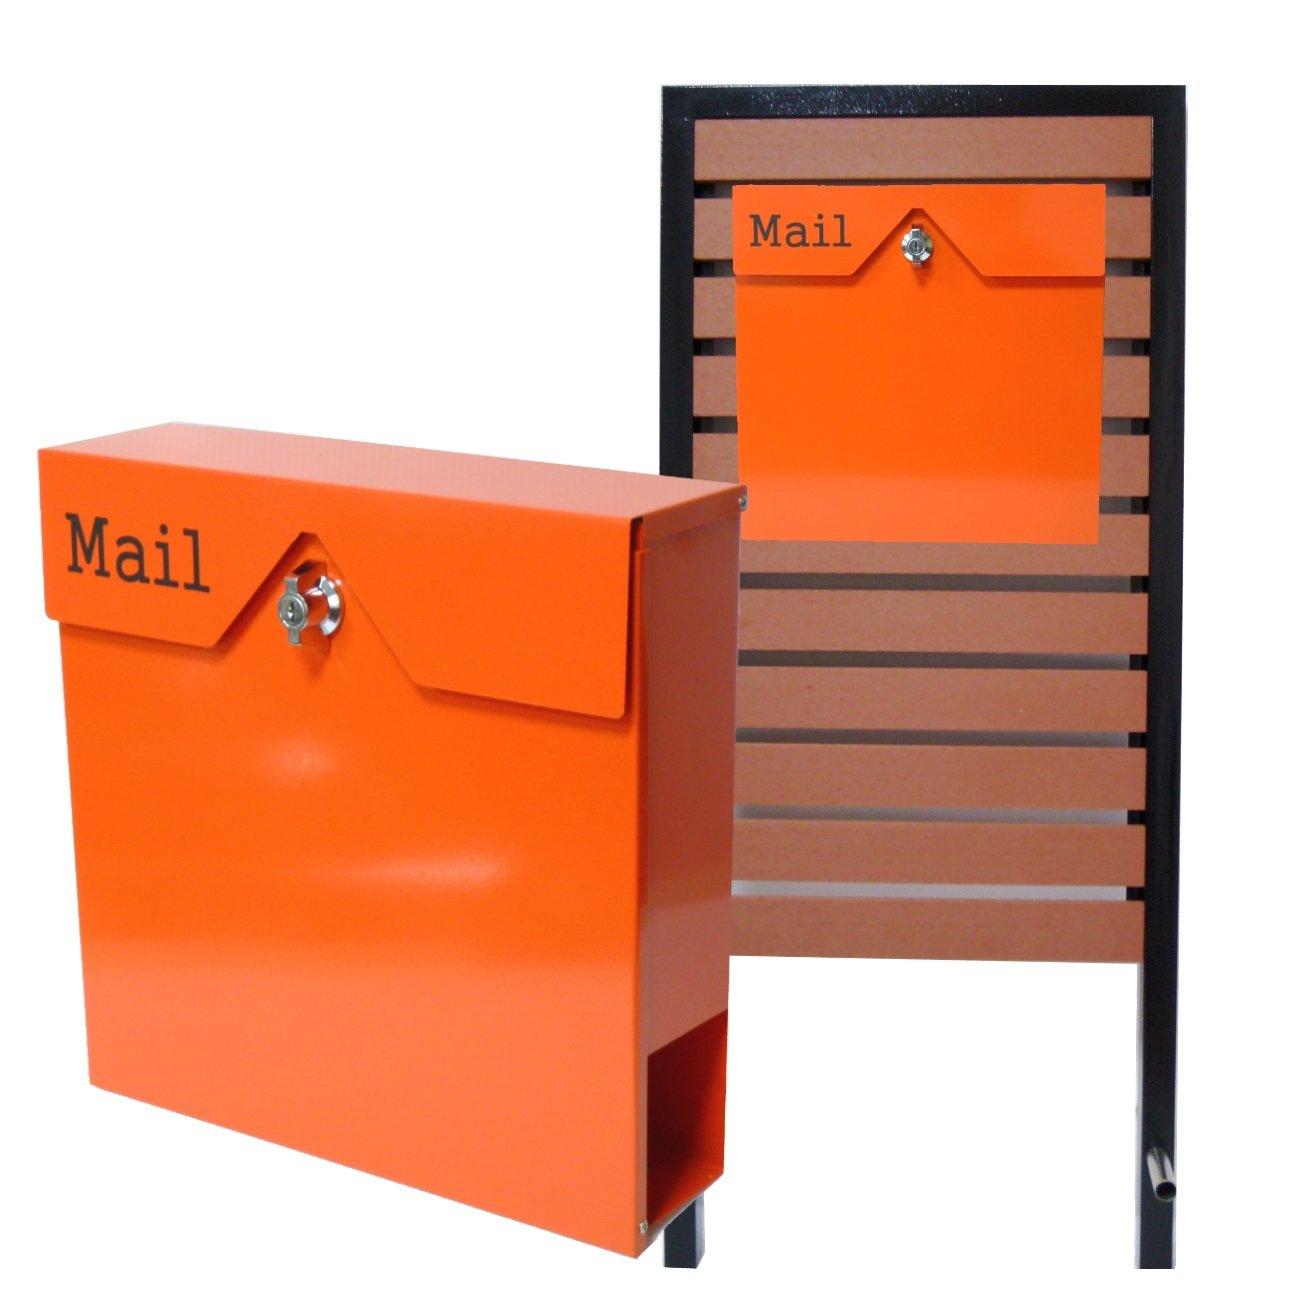 郵便ポスト スタンド付 壁掛けステンレスオレンジ色ポスト pm18s-pm152 B076HHXMNV 25880